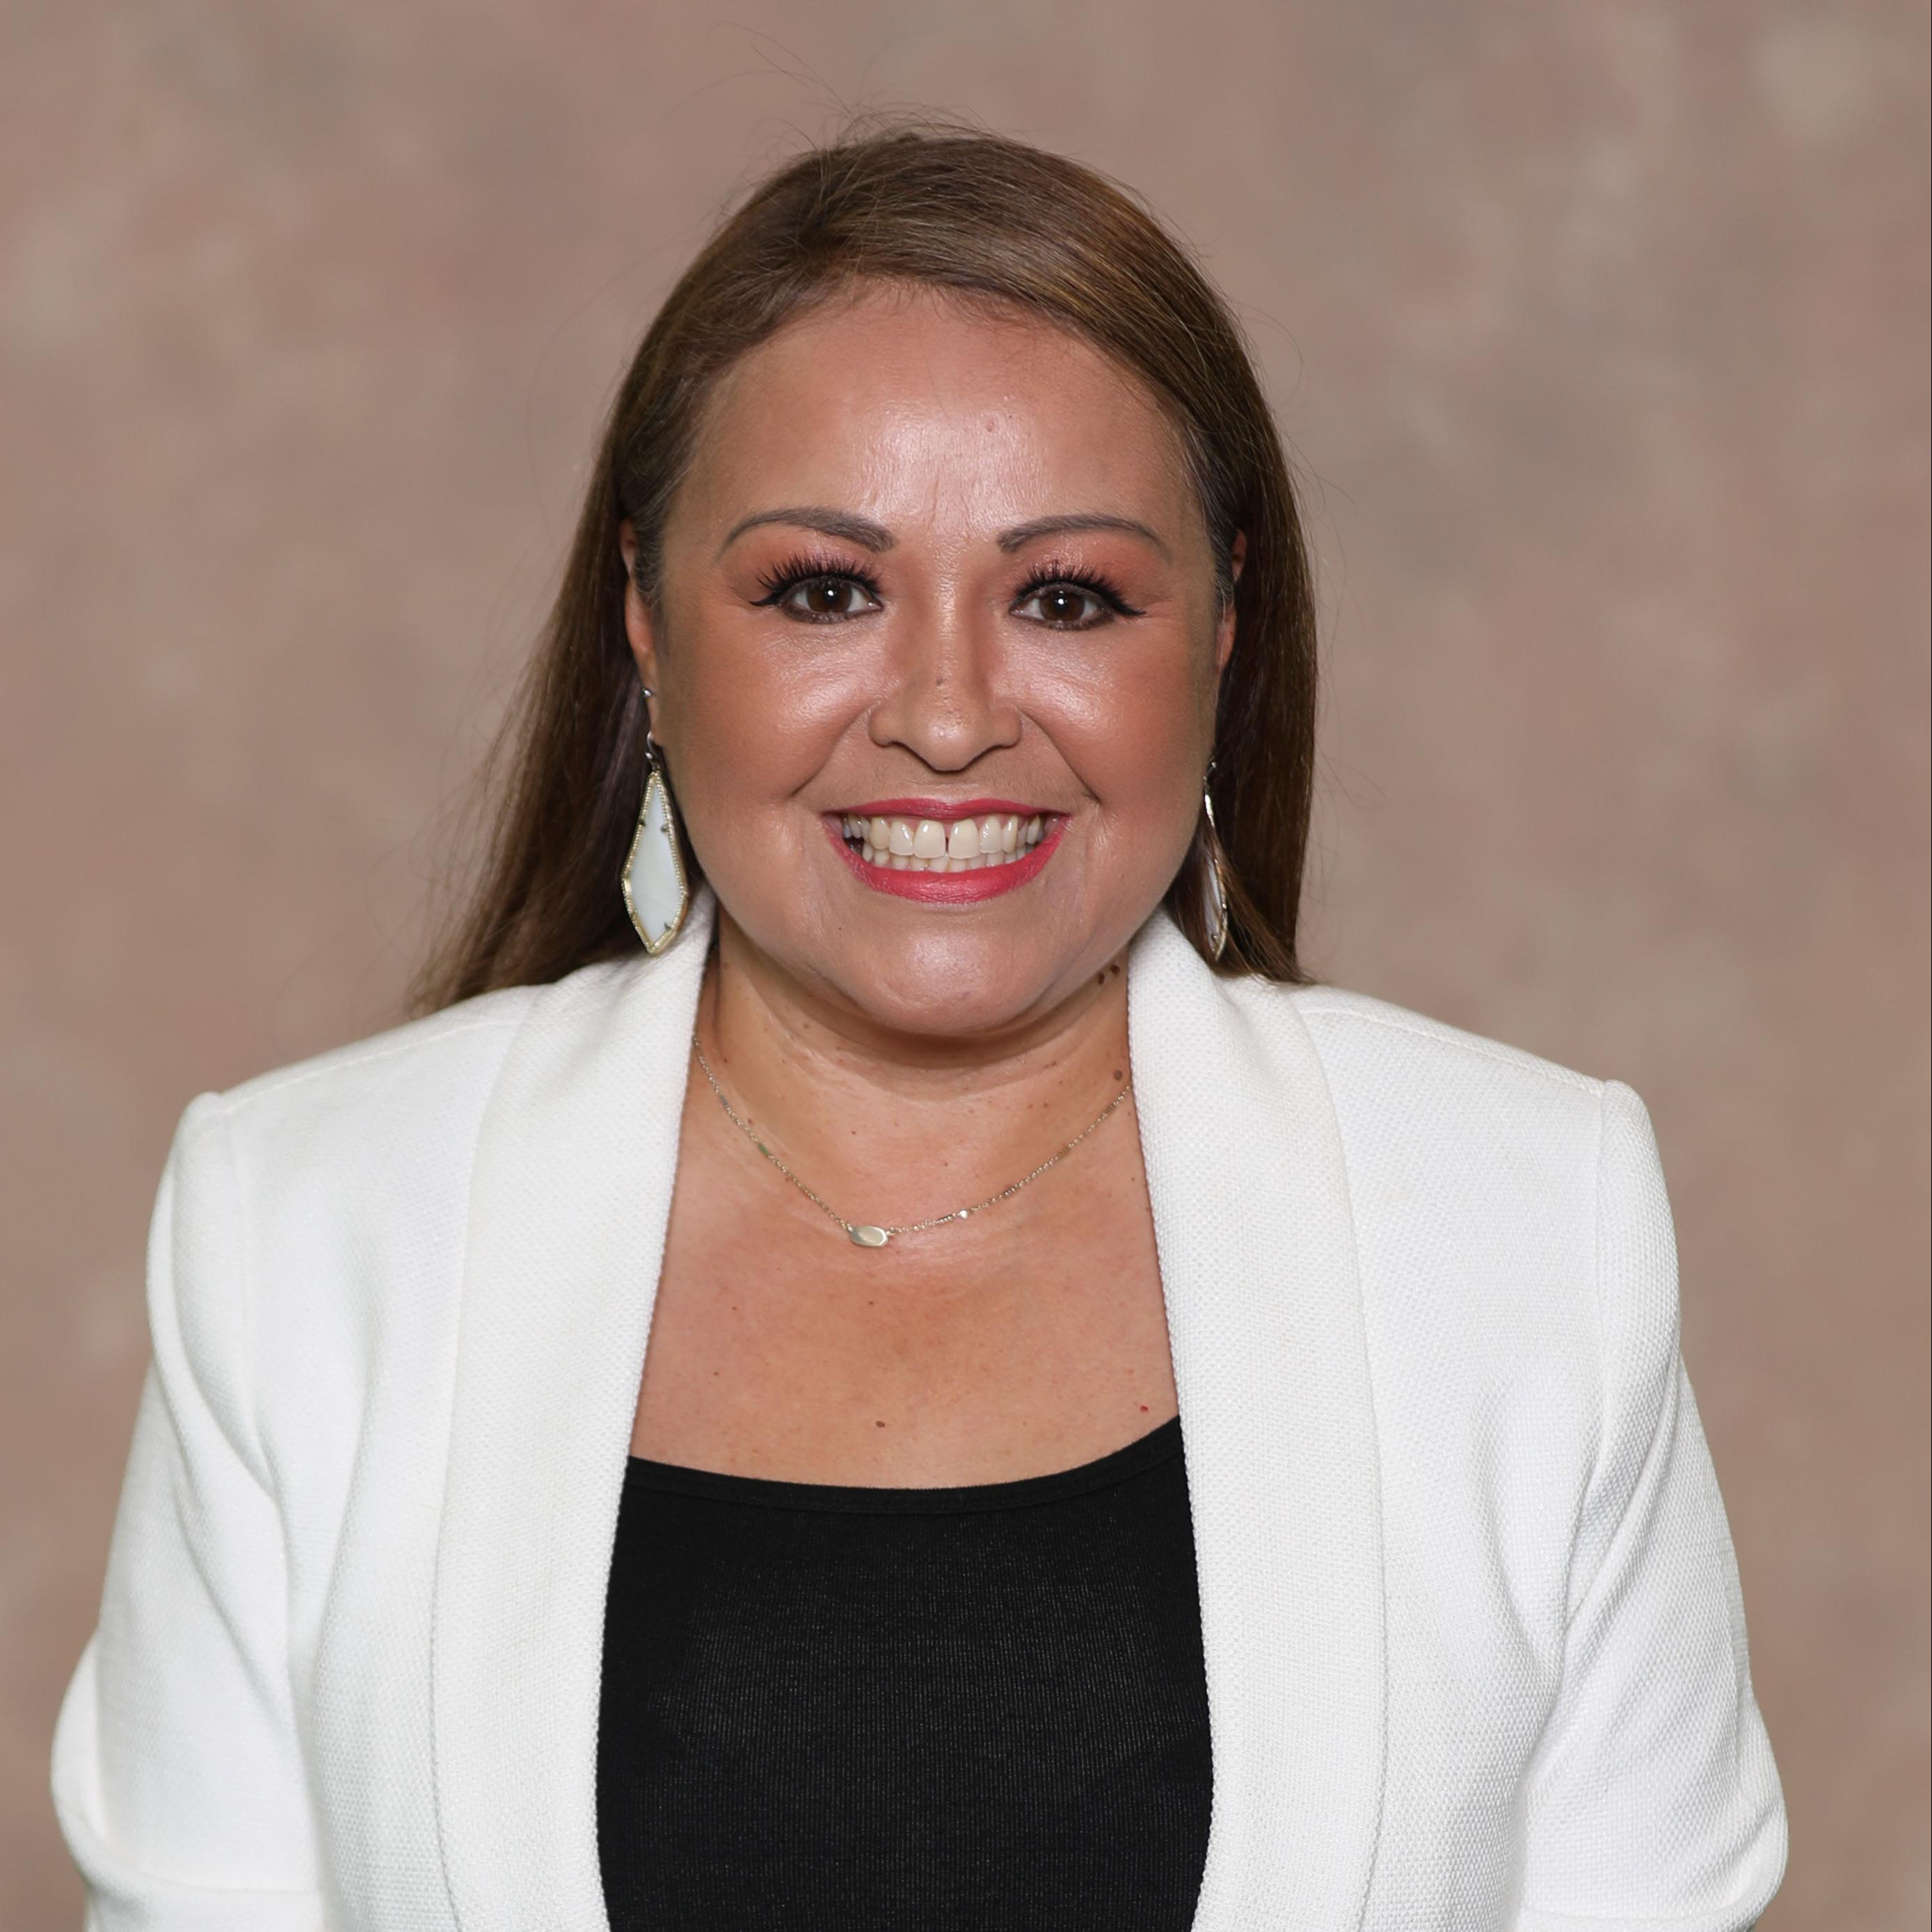 Maricela Olivarez